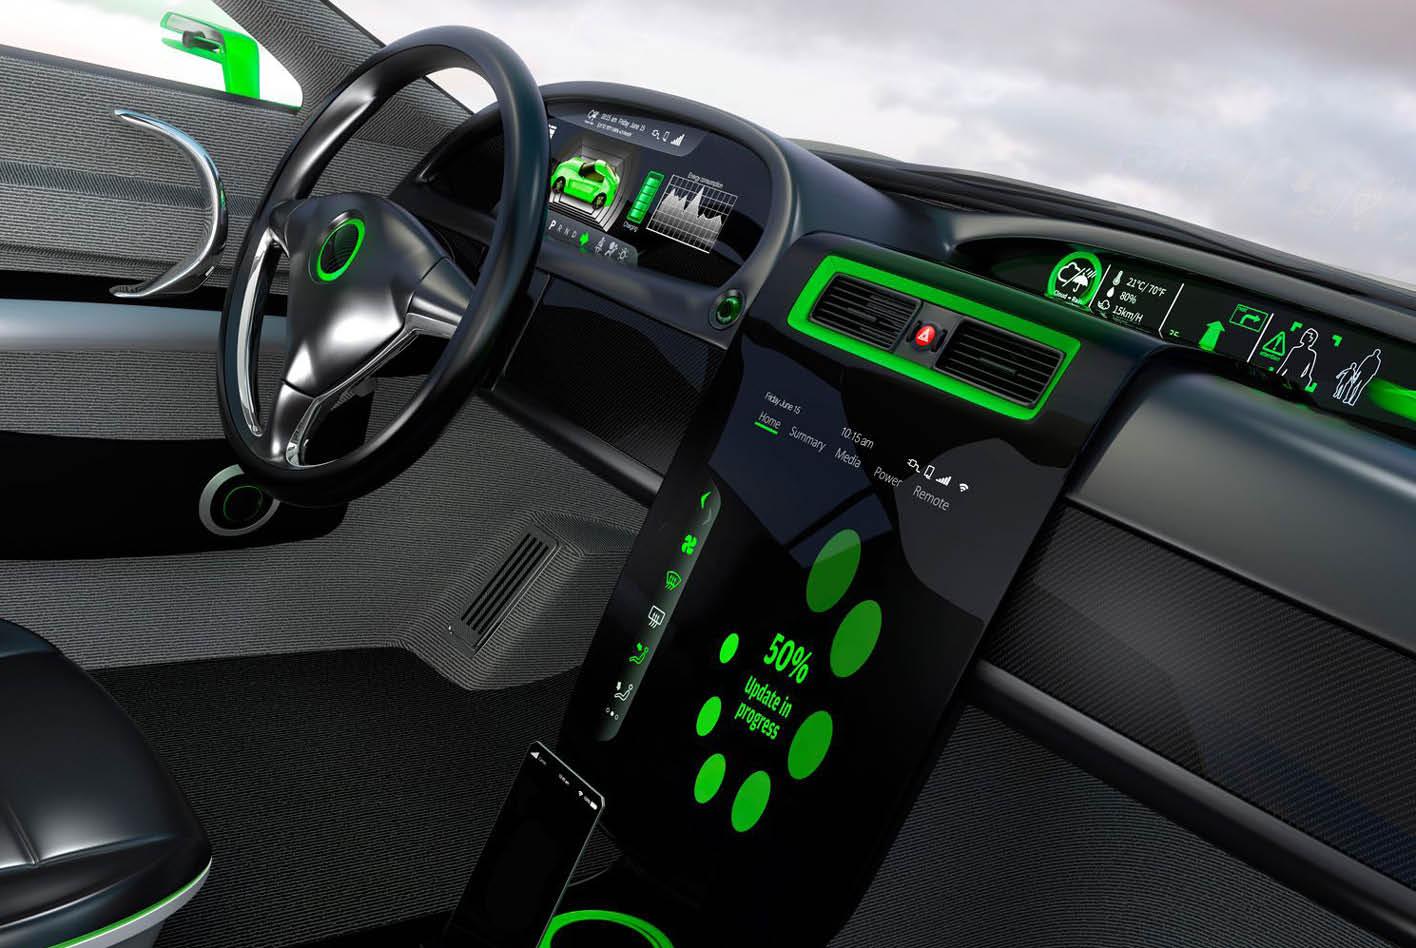 Neues Frühwarn-System für autonome FahrzeugeFoto: Continental